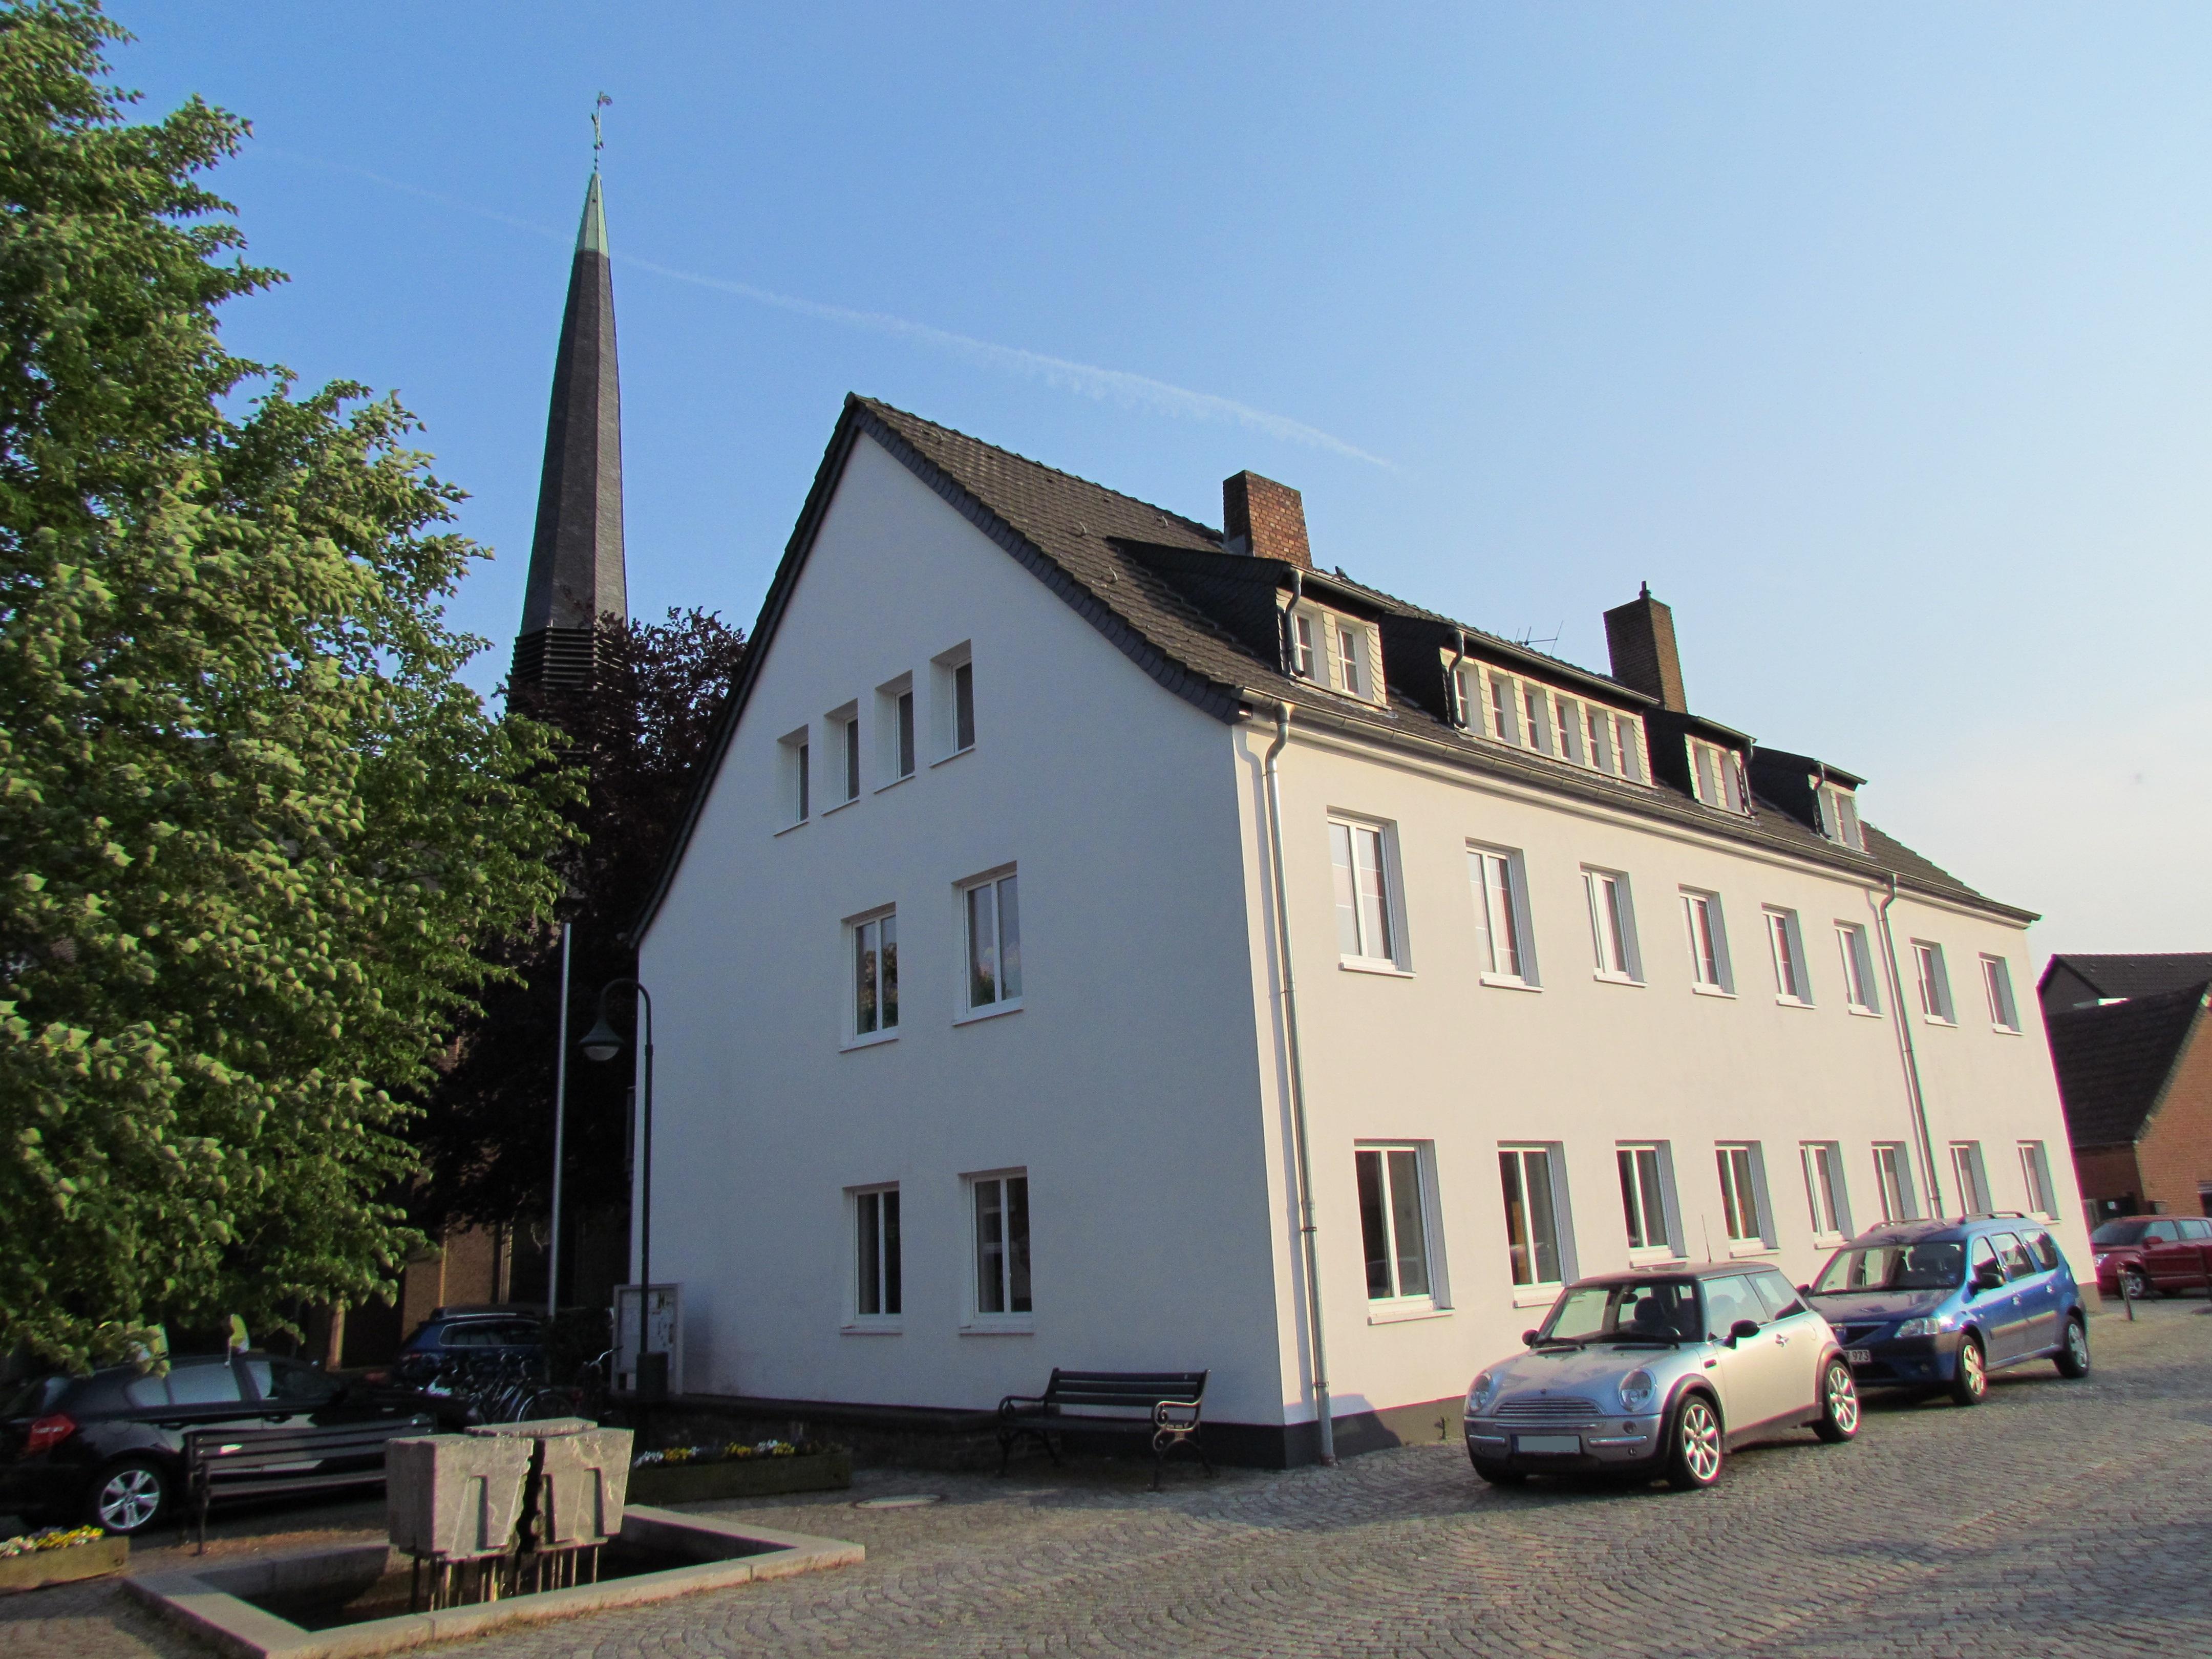 Umbau Pfarrheim Kindergarten